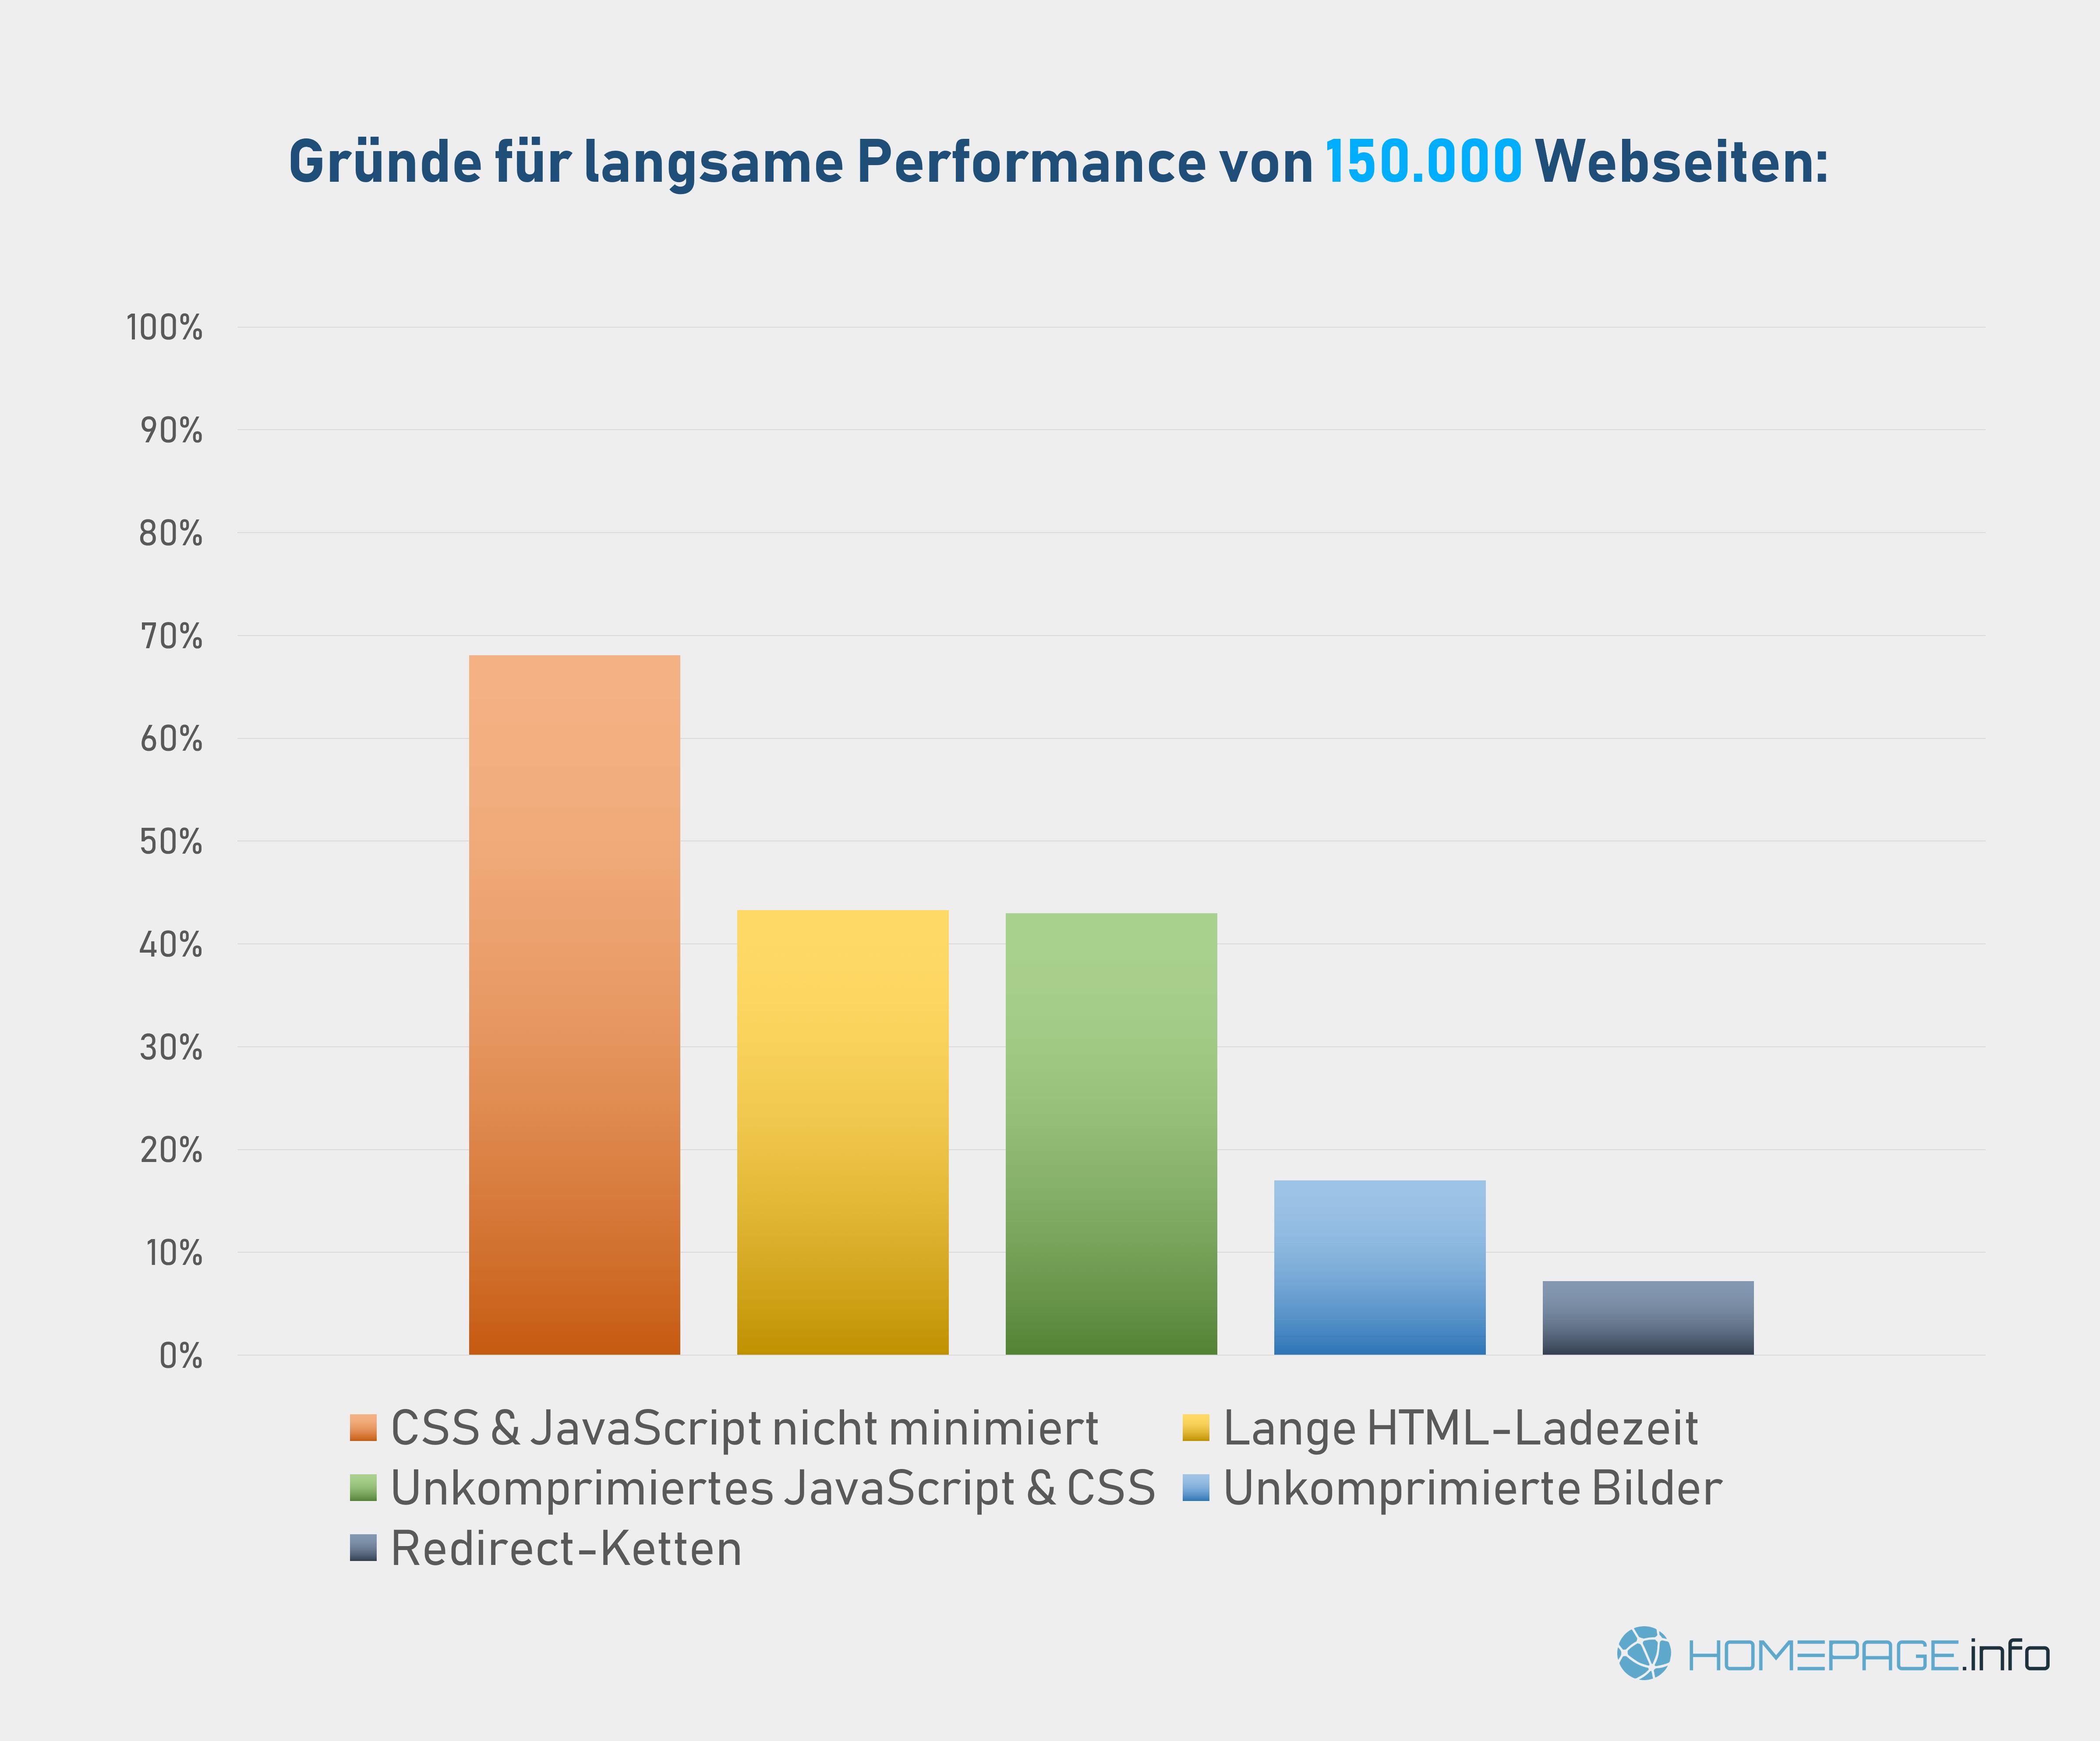 Gründe für schlechte Website-Performance